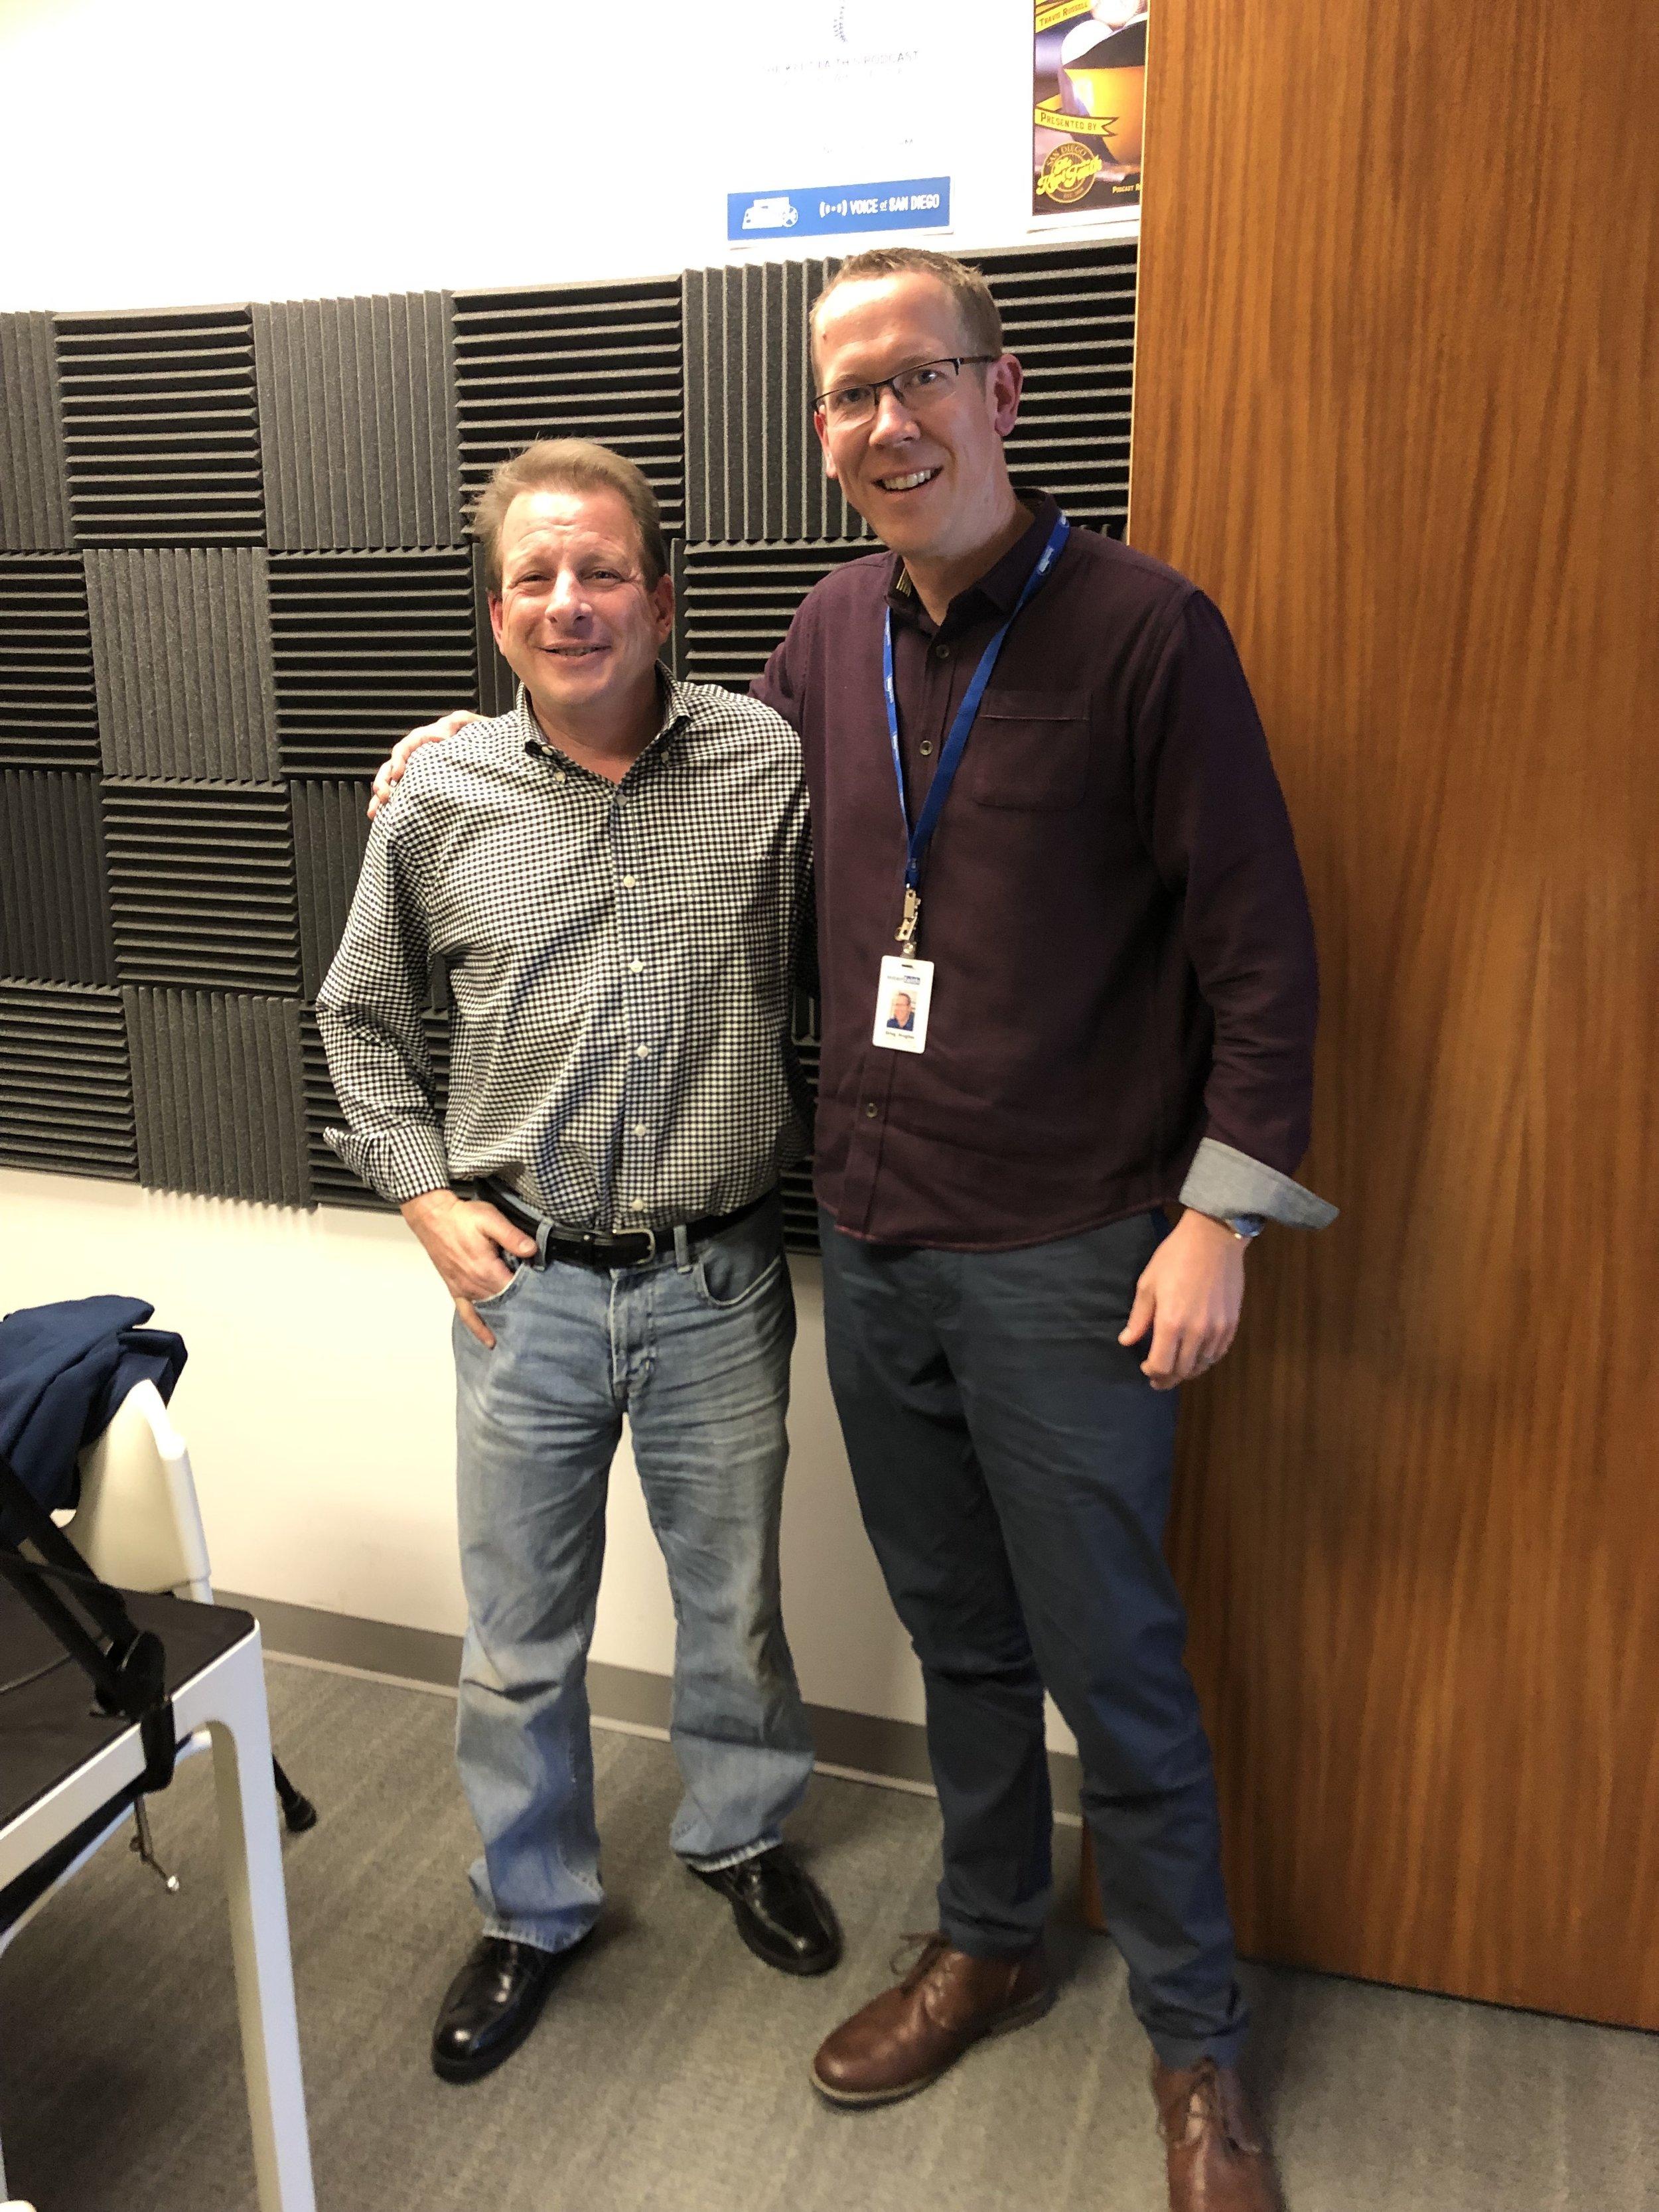 Rabbi Castiglione and Greg Anglea at the recording studio